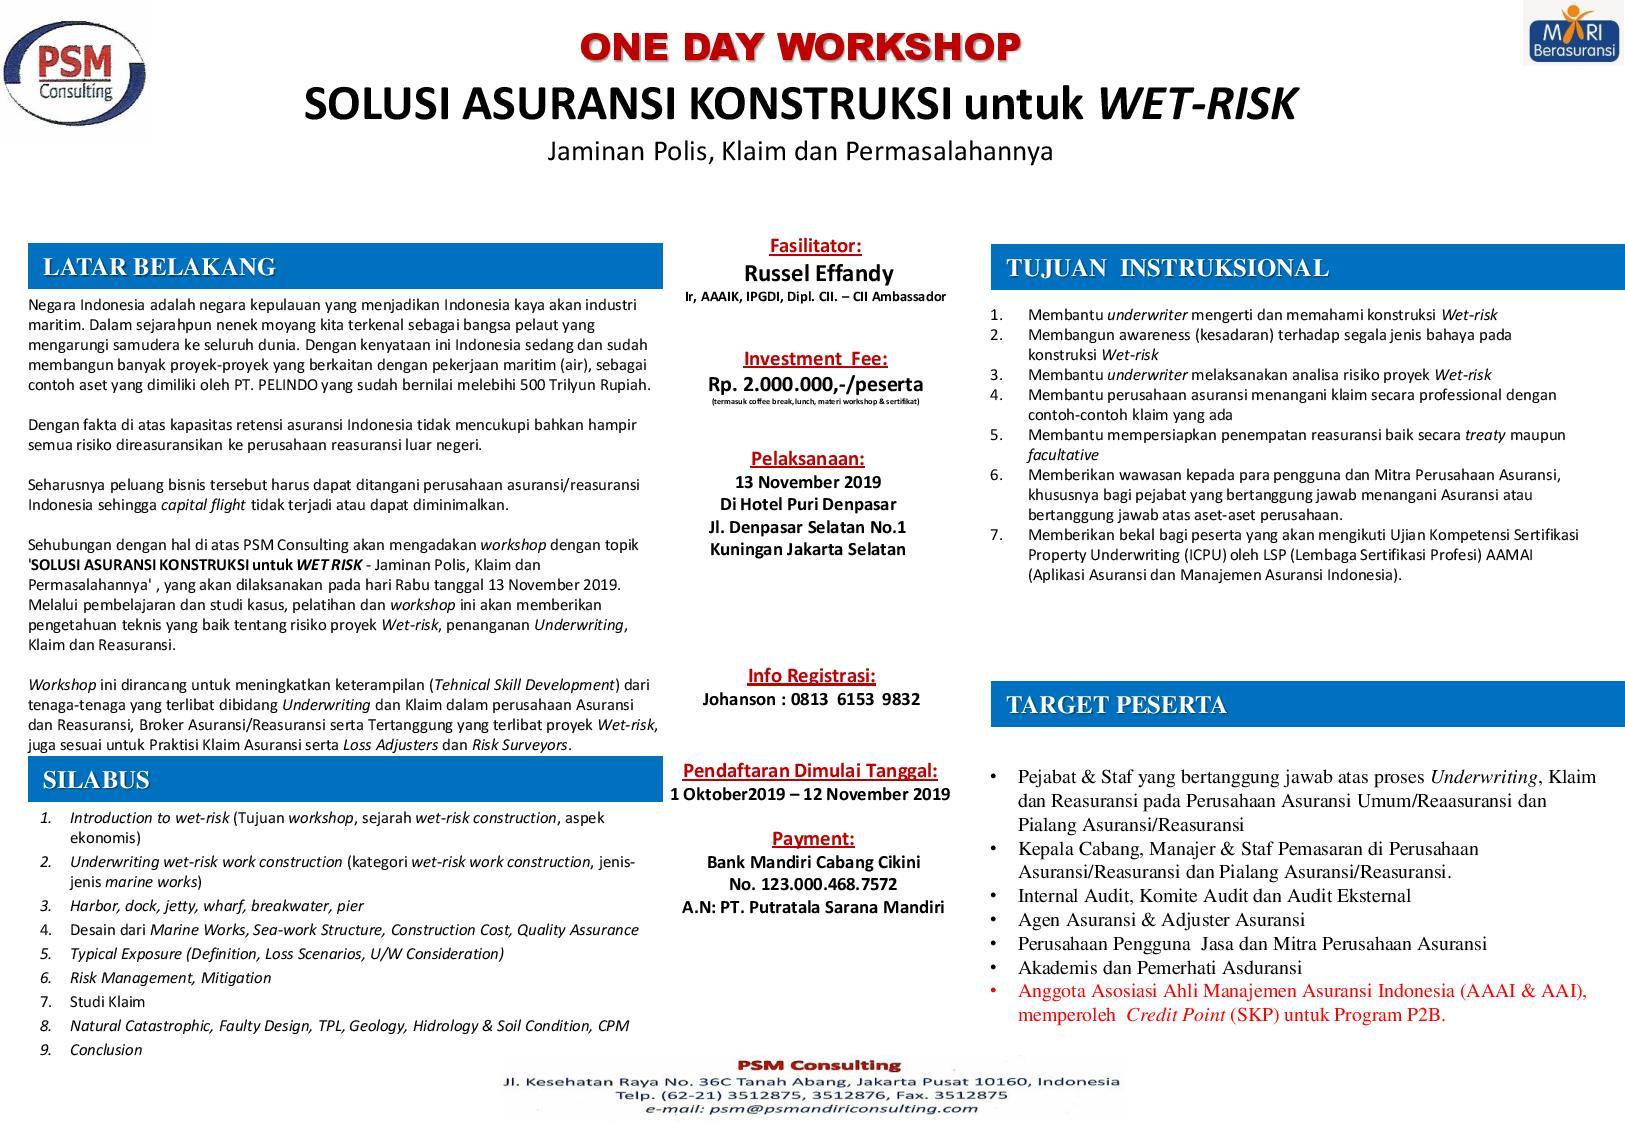 brosur-solusi-asuransi-konstruksi-wet-risk-converted-page-001